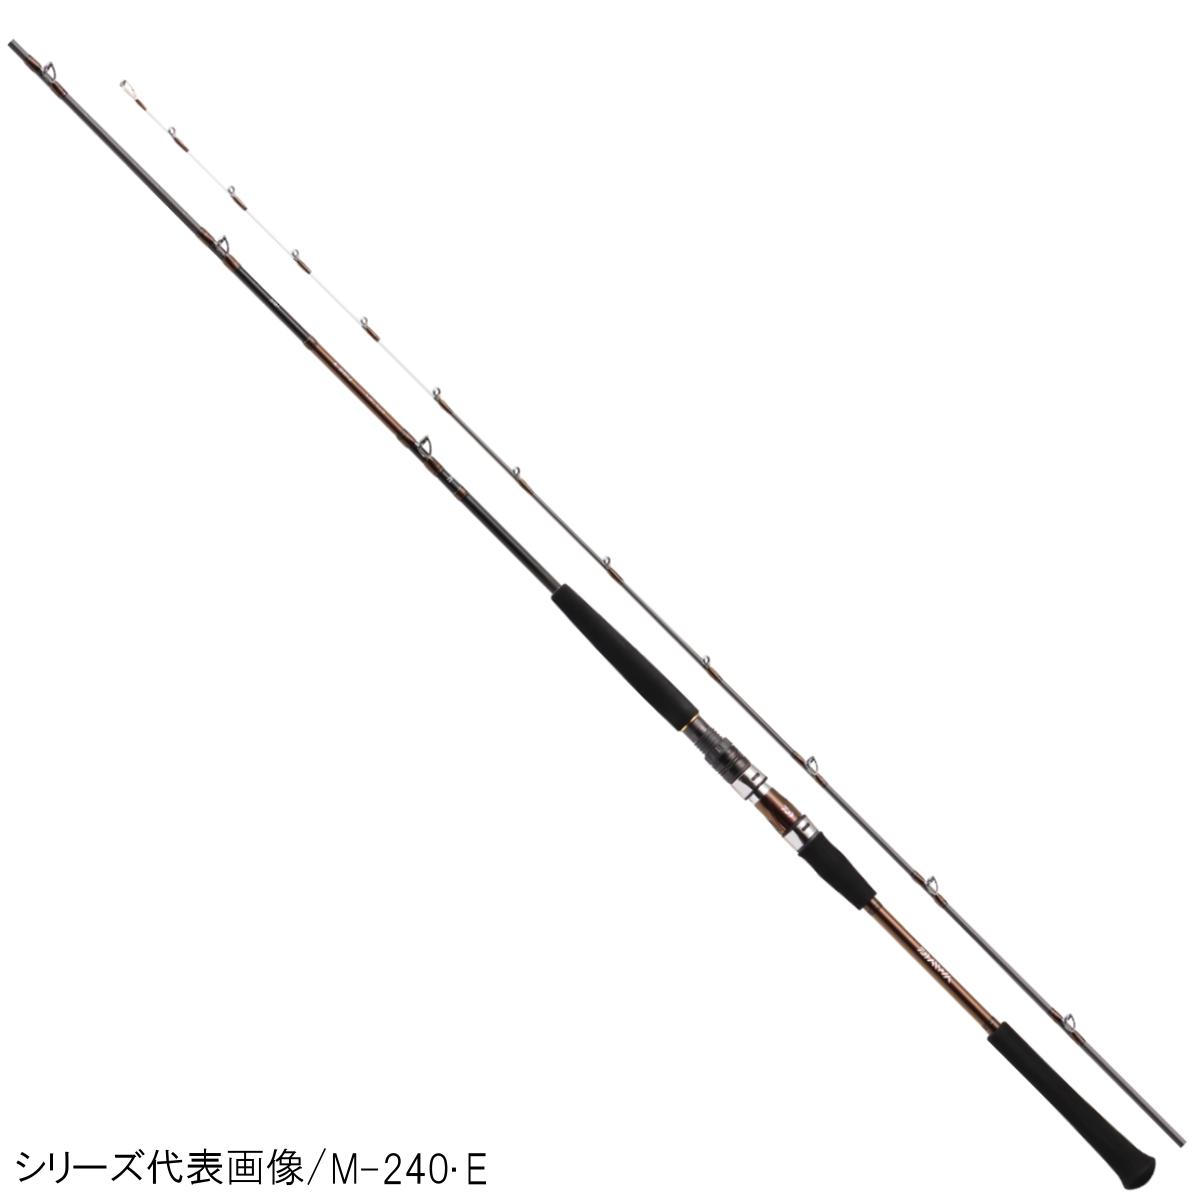 ダイワ A-ブリッツ ネライ M-180・E(東日本店)